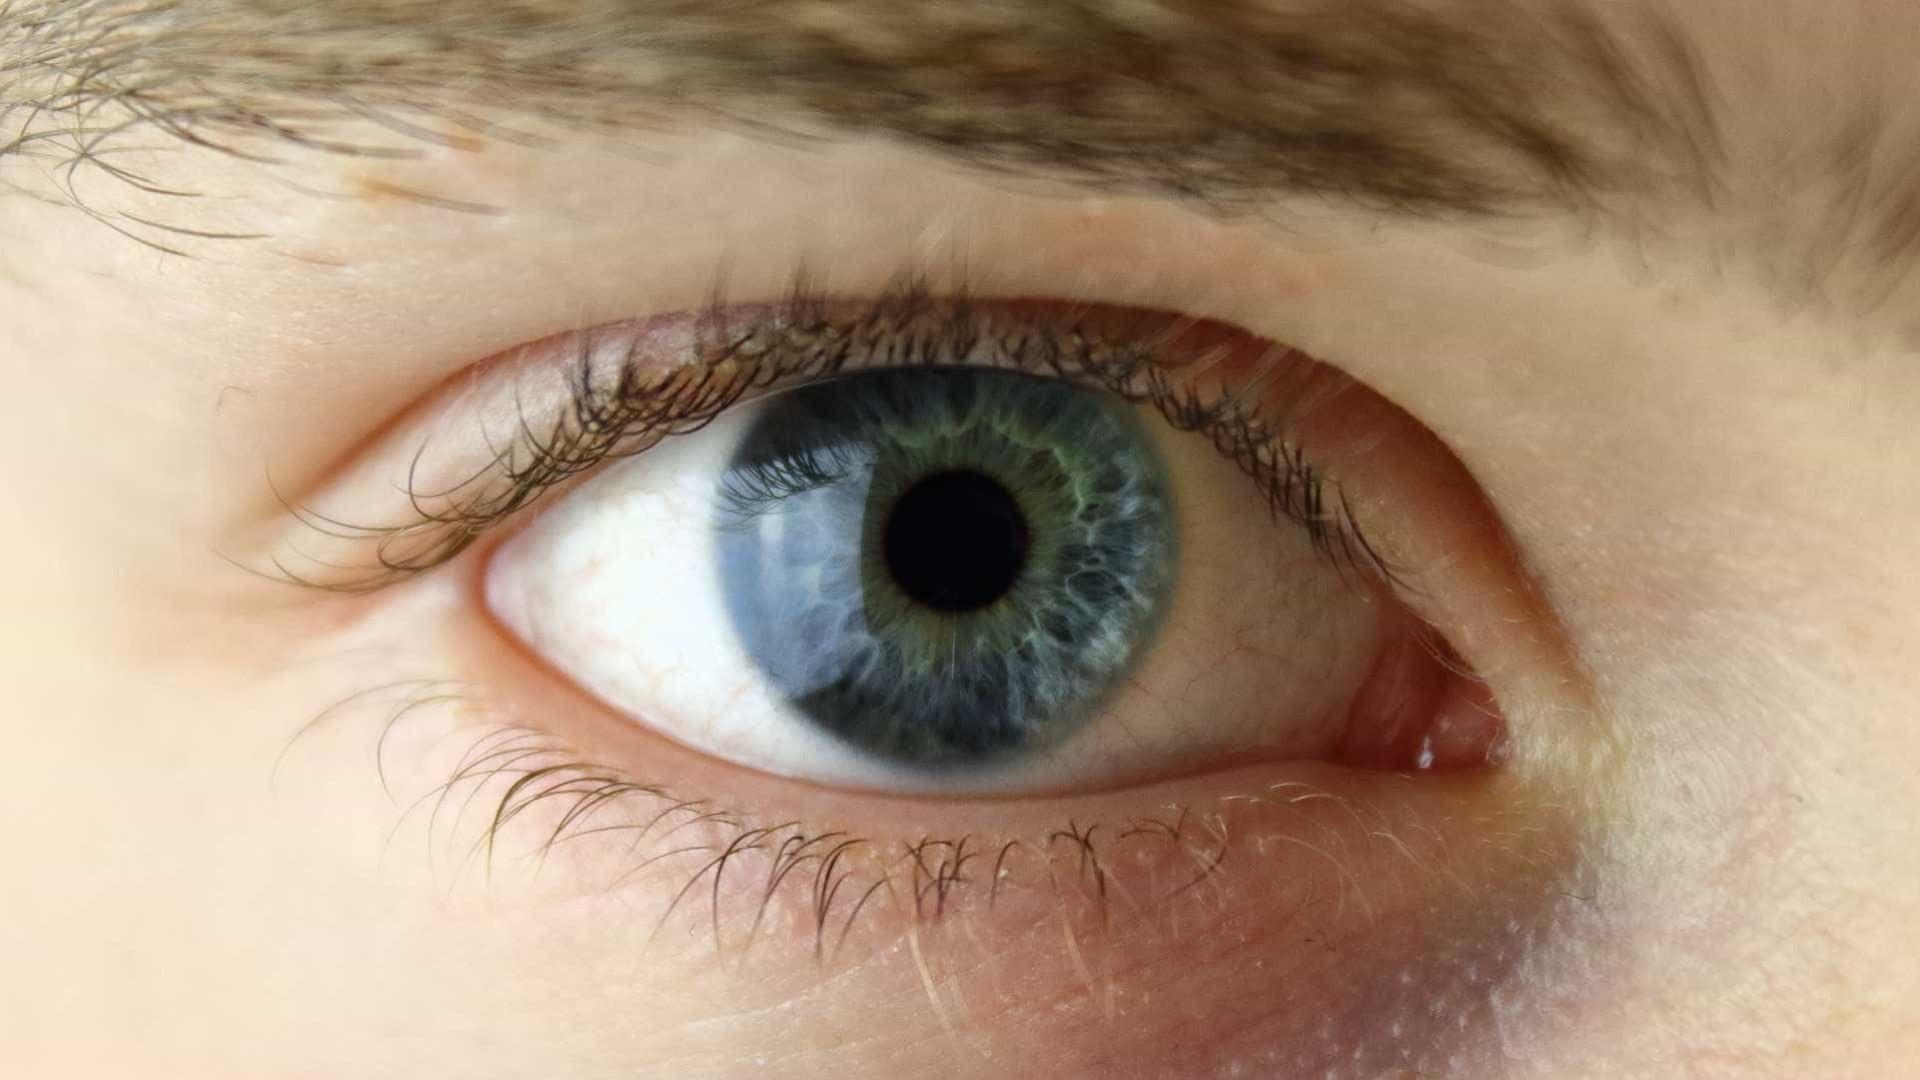 Sêmen mais comprado por brasileiros  vem de brancos de olhos azuis